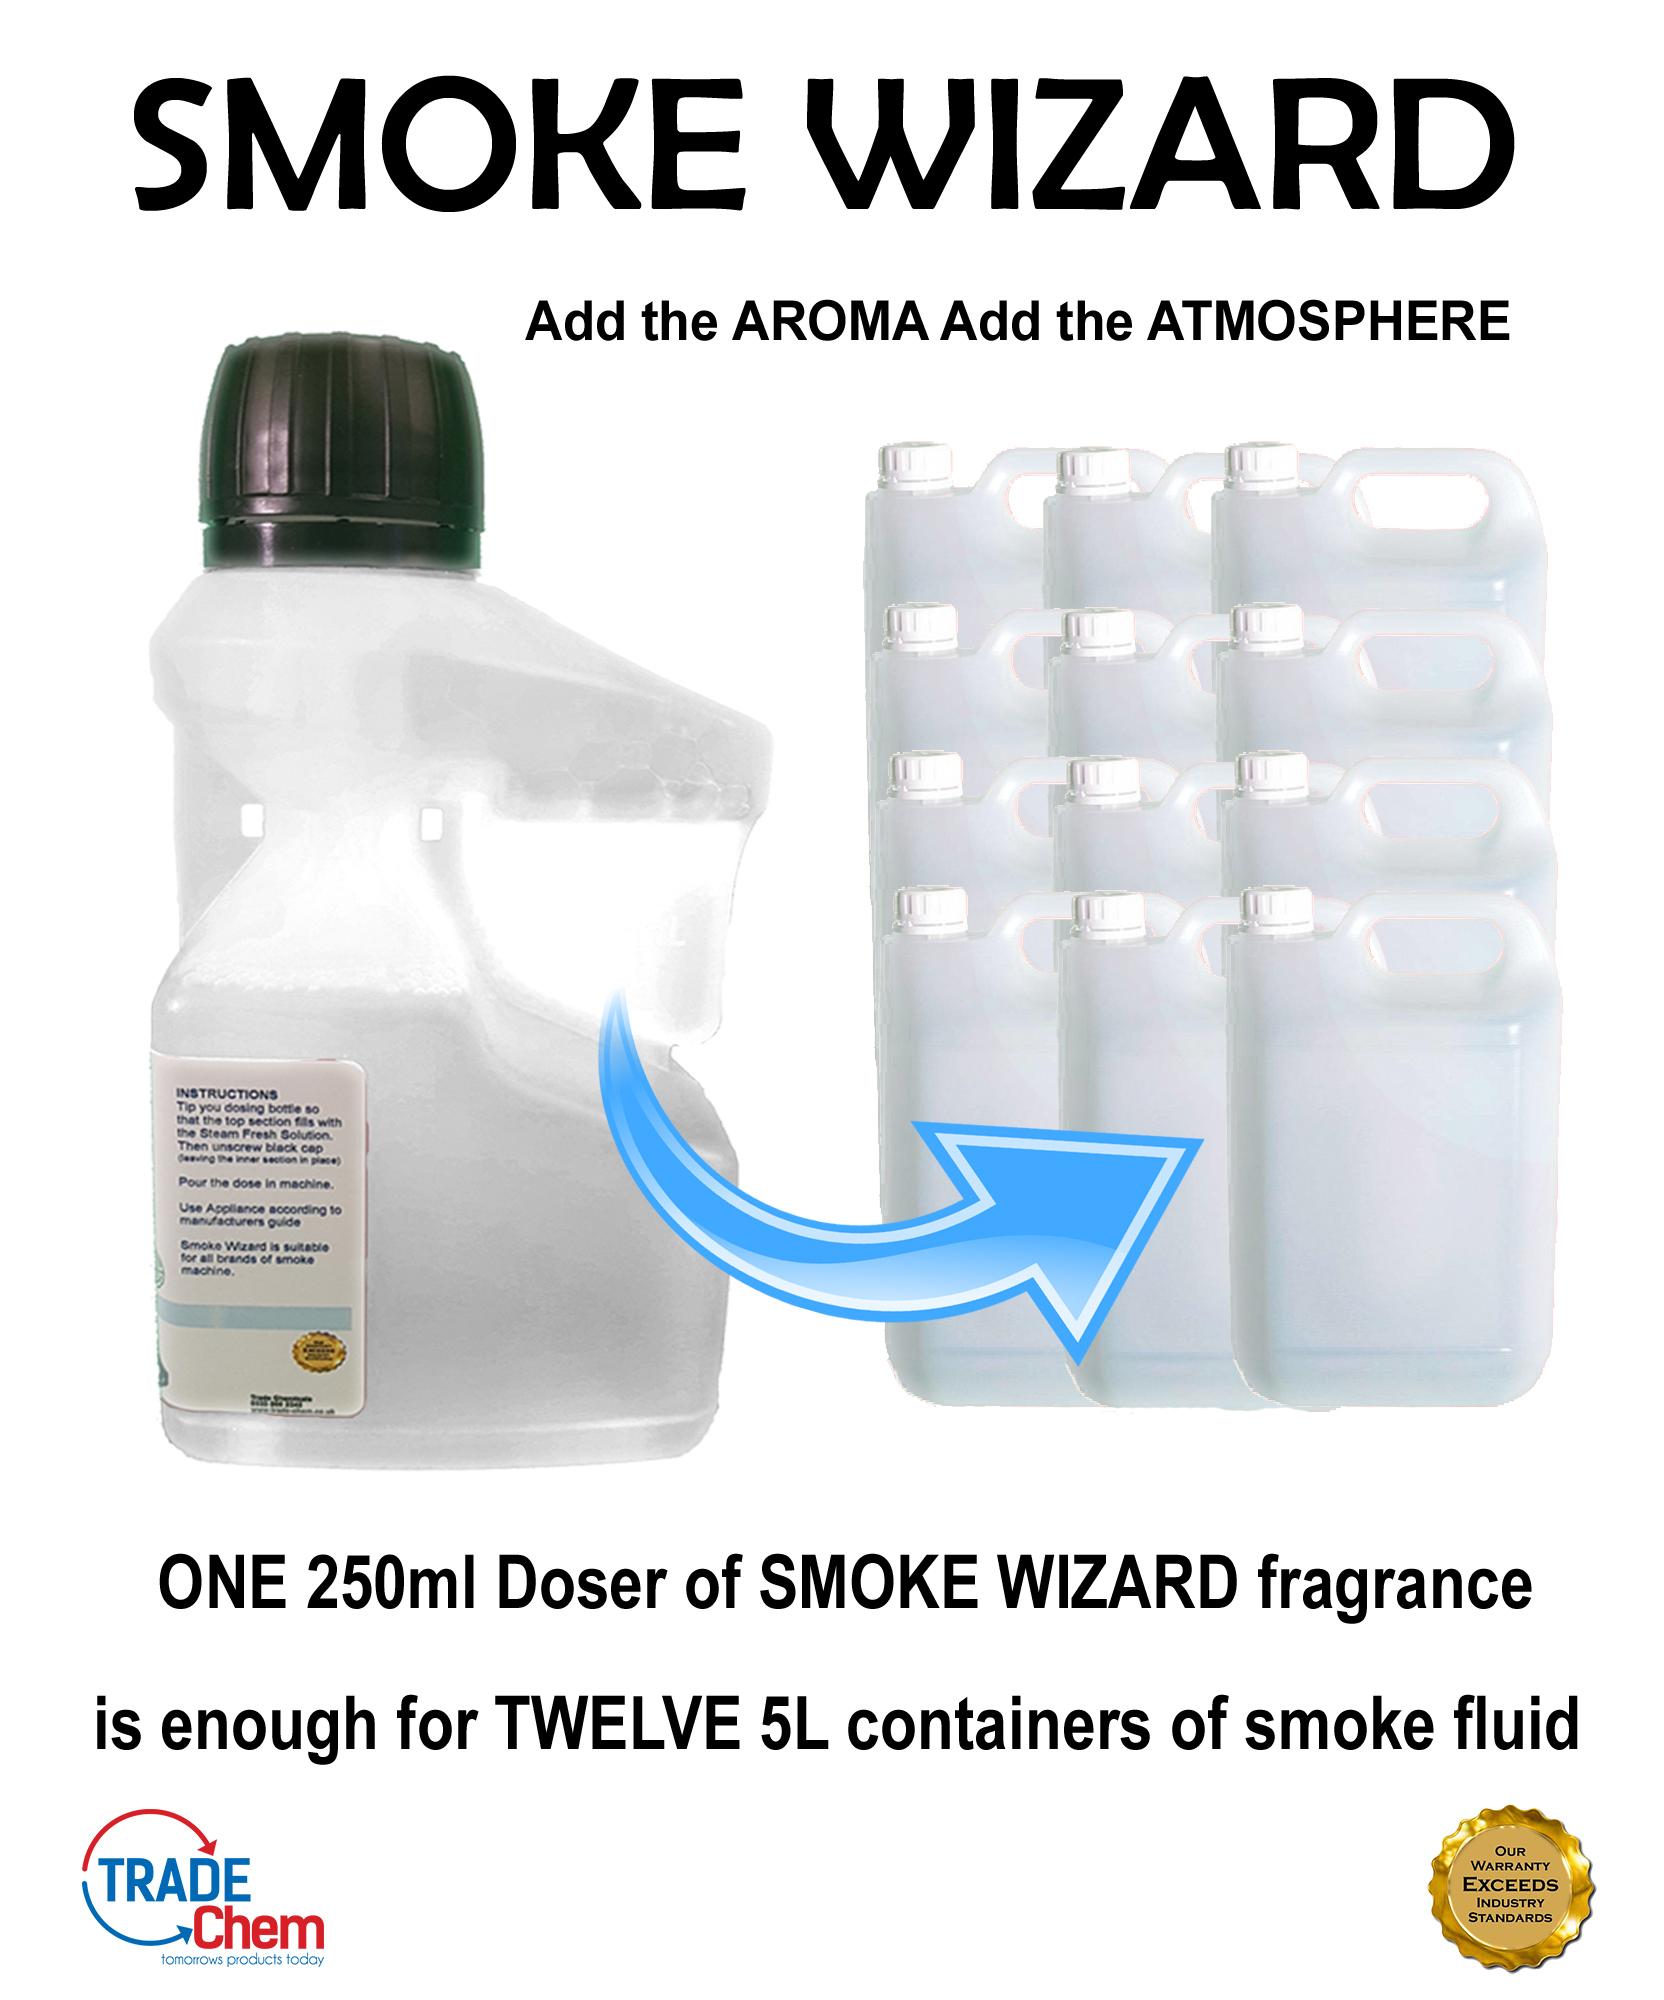 products-SMOKE-WIZARD-250ml-Advert-123